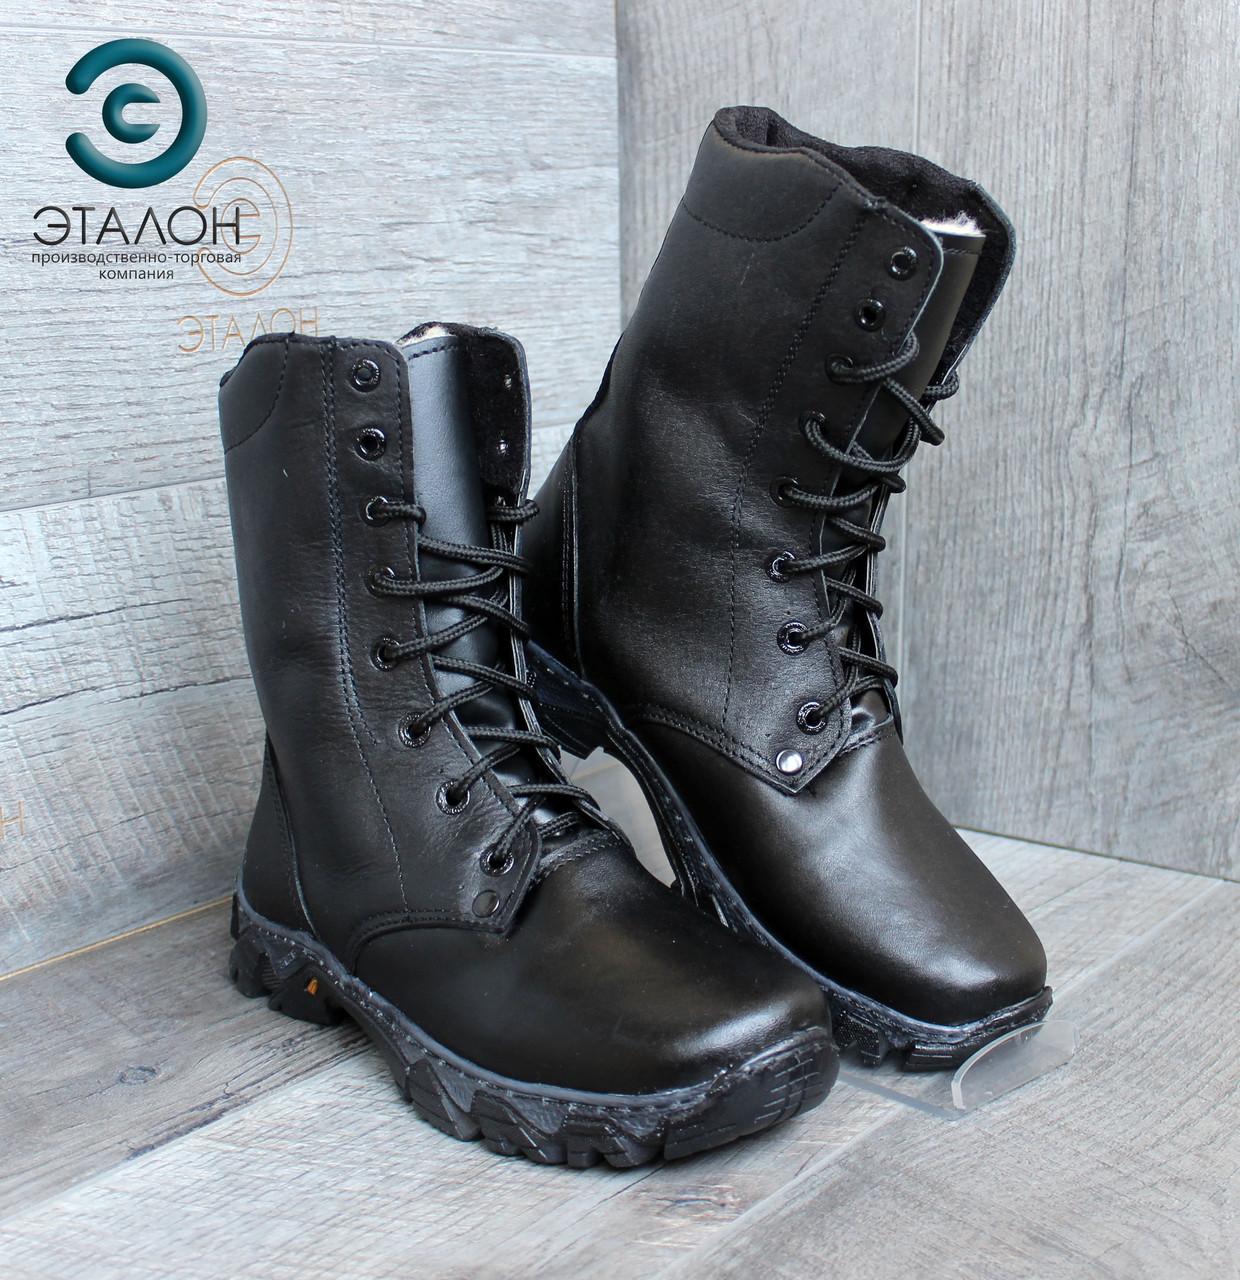 Ботинки женские берцы зимние кожаные DMS-3 утепленная тактическая обувь -  Эталон в Харькове a020153c205